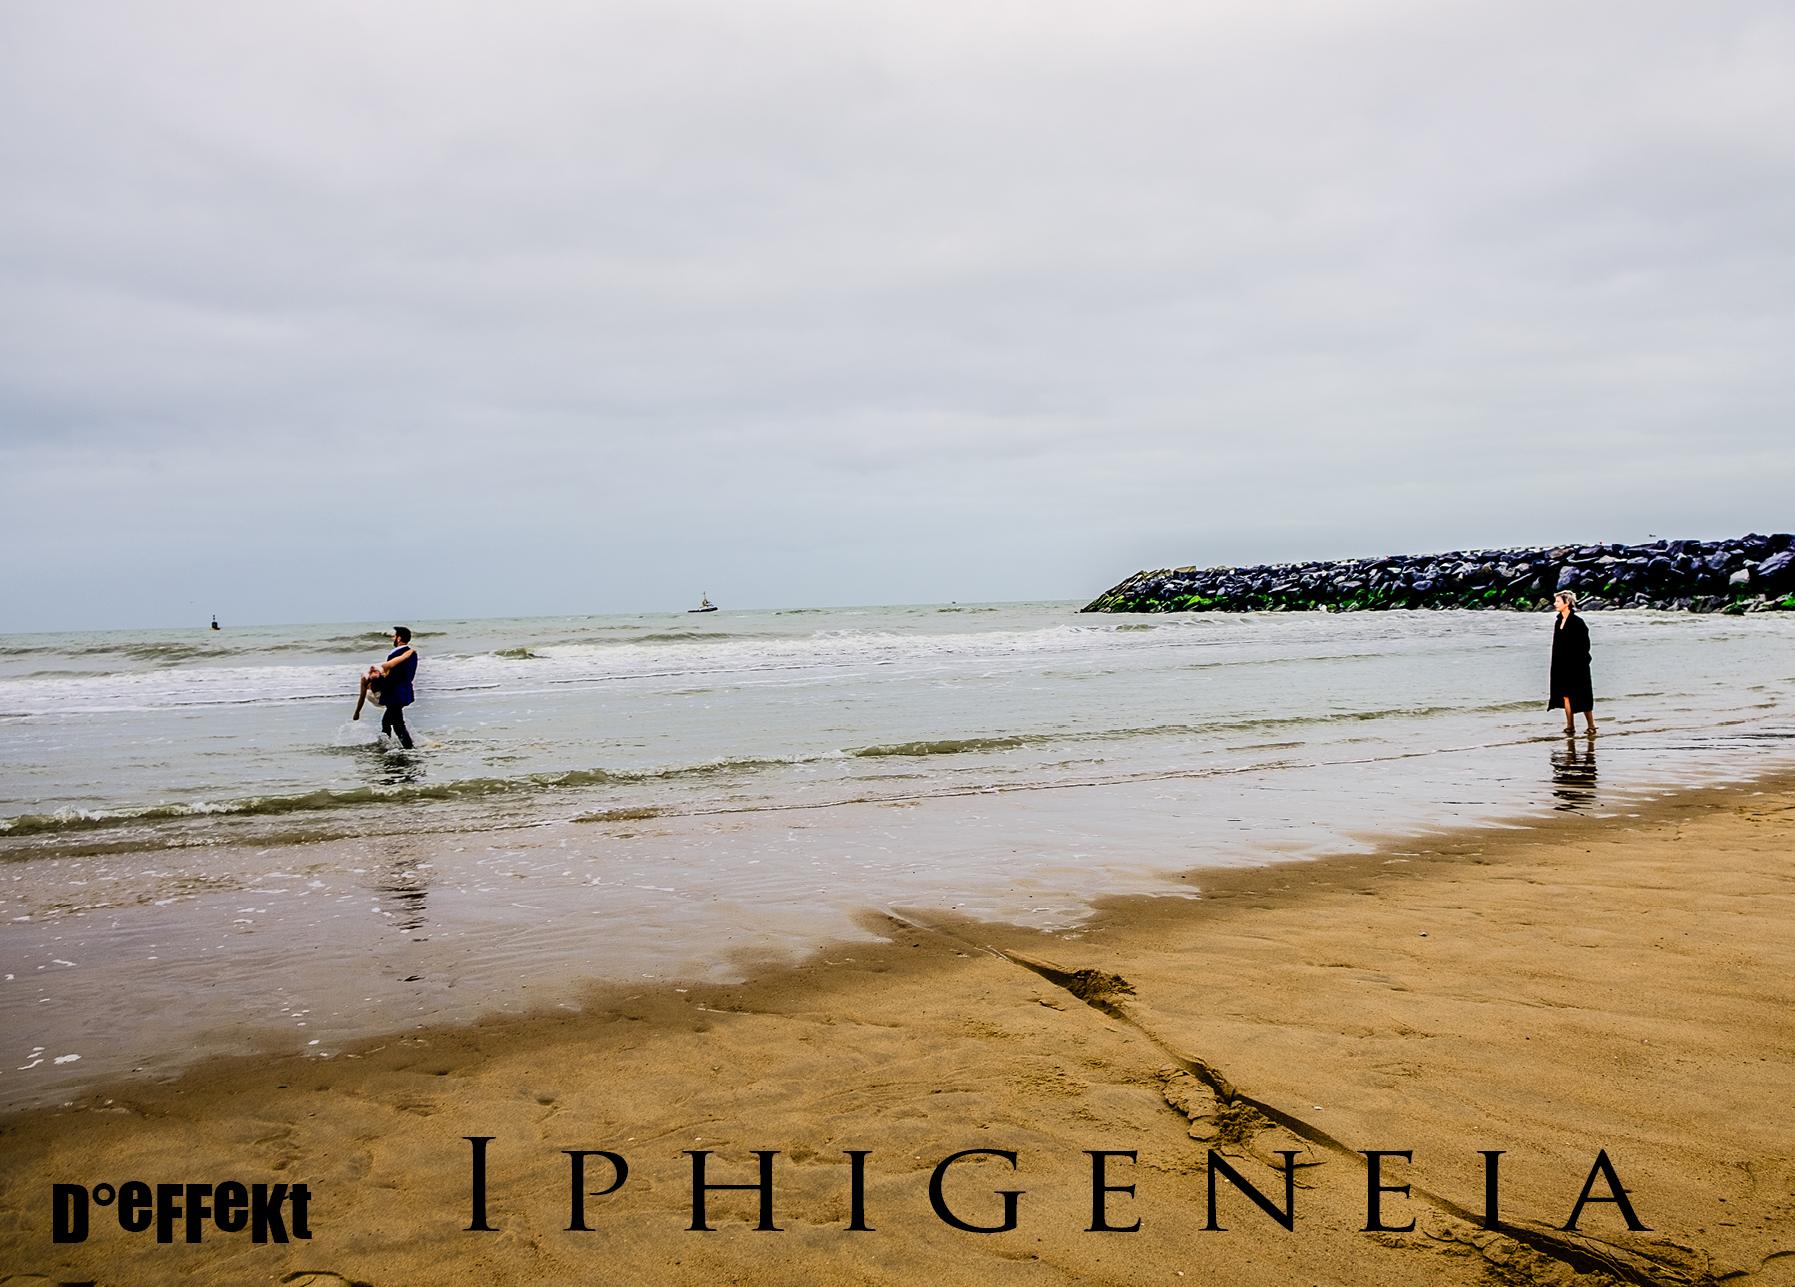 Flyer Iphigeneia Voorkant